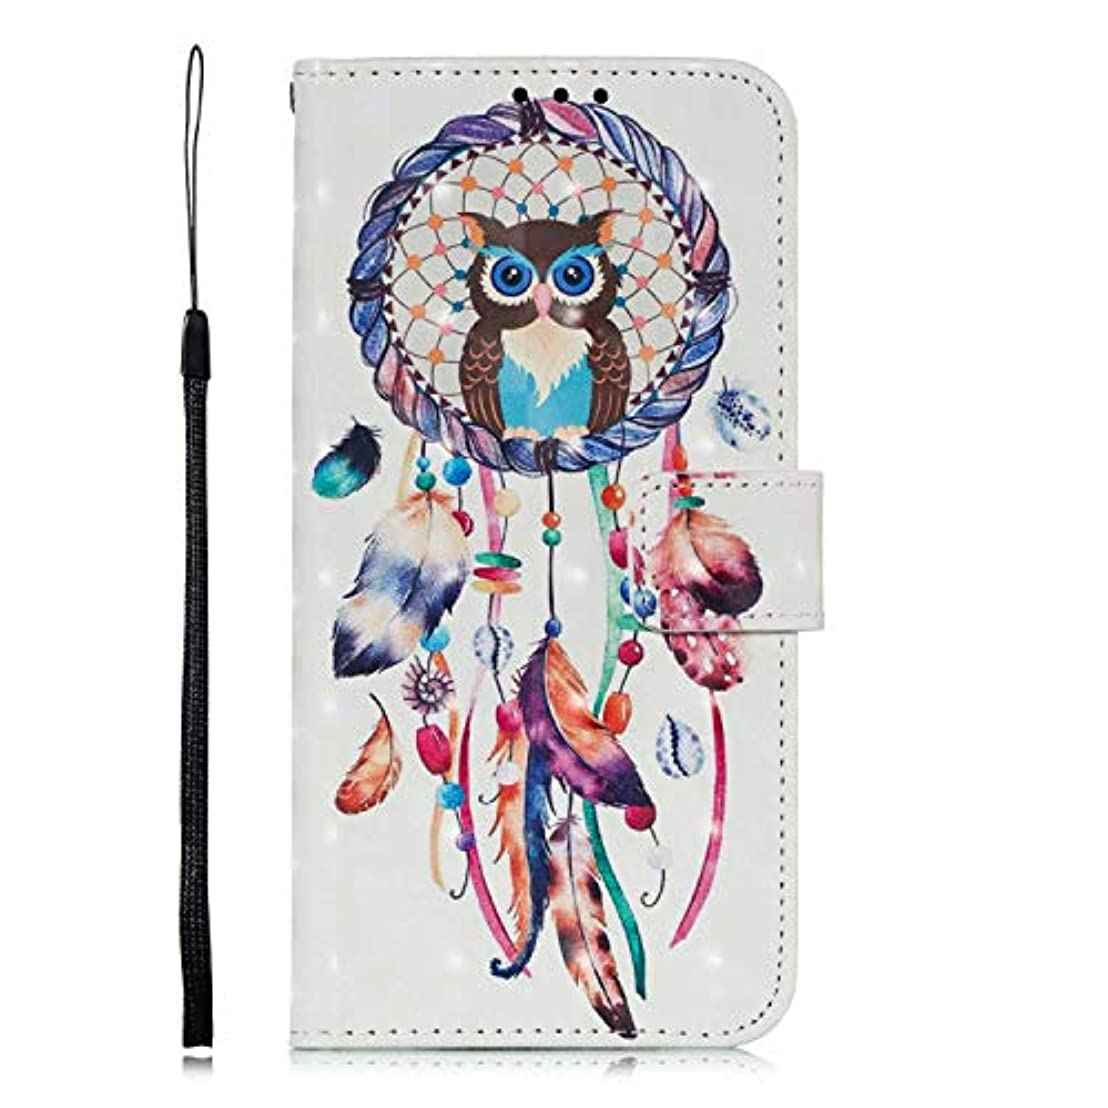 クラシックテクスチャー社説OMATENTI Galaxy A8 2018 ケース, ファッション良質 PU レザー 財布型 ケース 薄型 人気 新製品 衝撃吸収 全面保護 スマホケース, 付きスタンド機能, カードホルダー機能 ストラップ付き Galaxy...